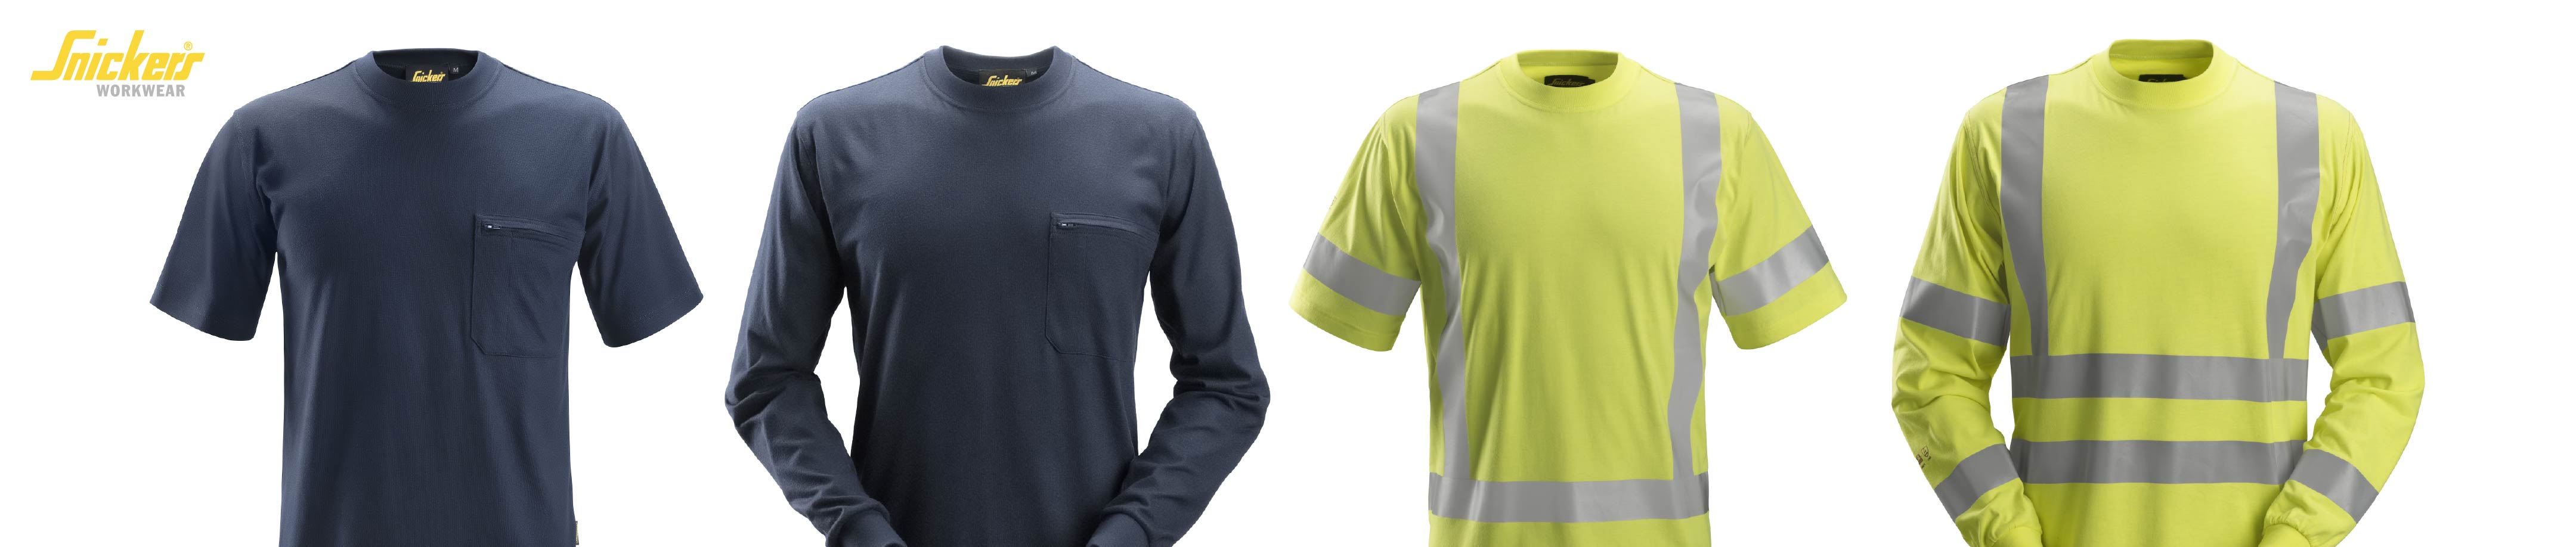 Flame retardant work shirts